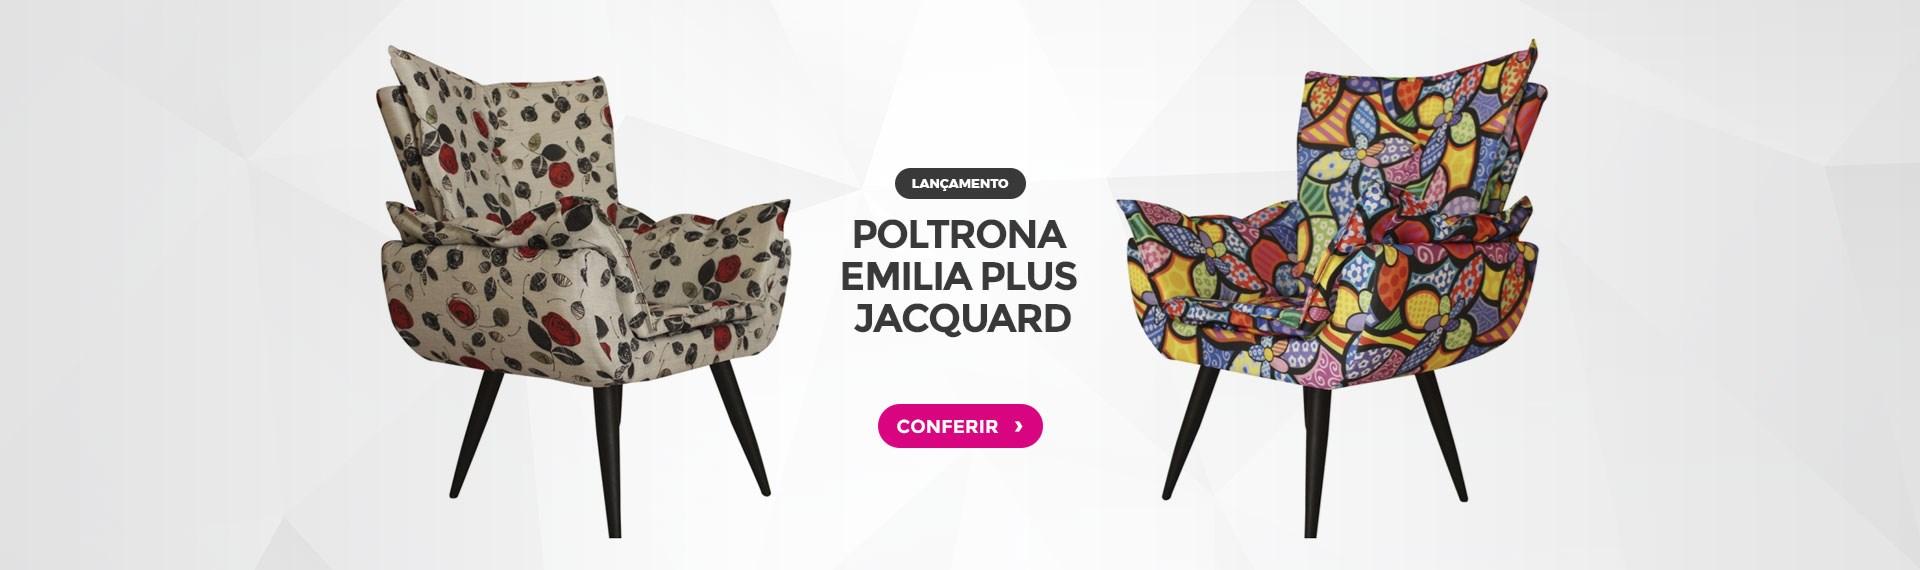 Fim de Ano Milani - Poltrona Emilia Plus